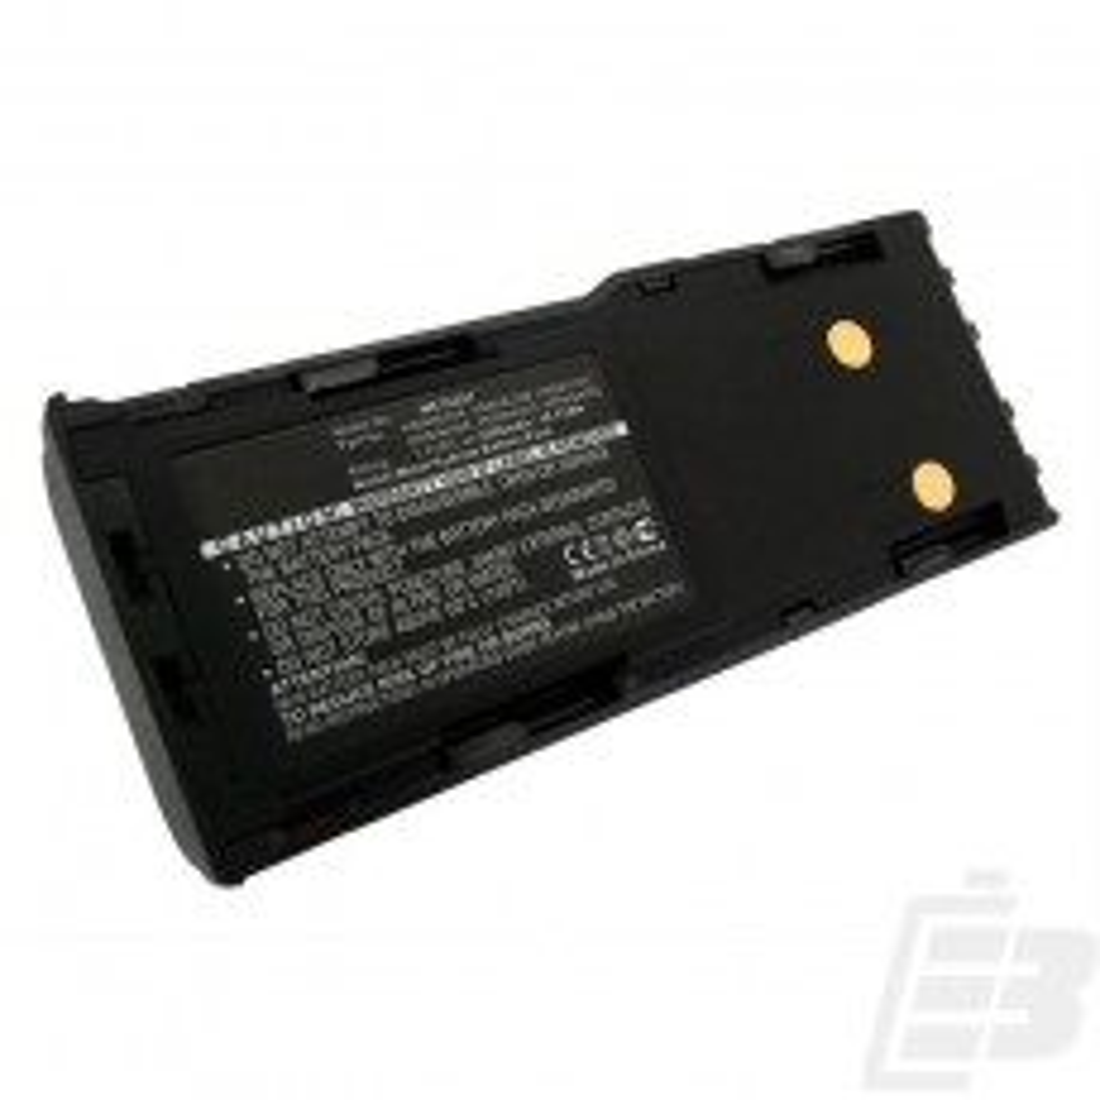 Μπαταρία φορητού πομποδέκτη Motorola GP300_1